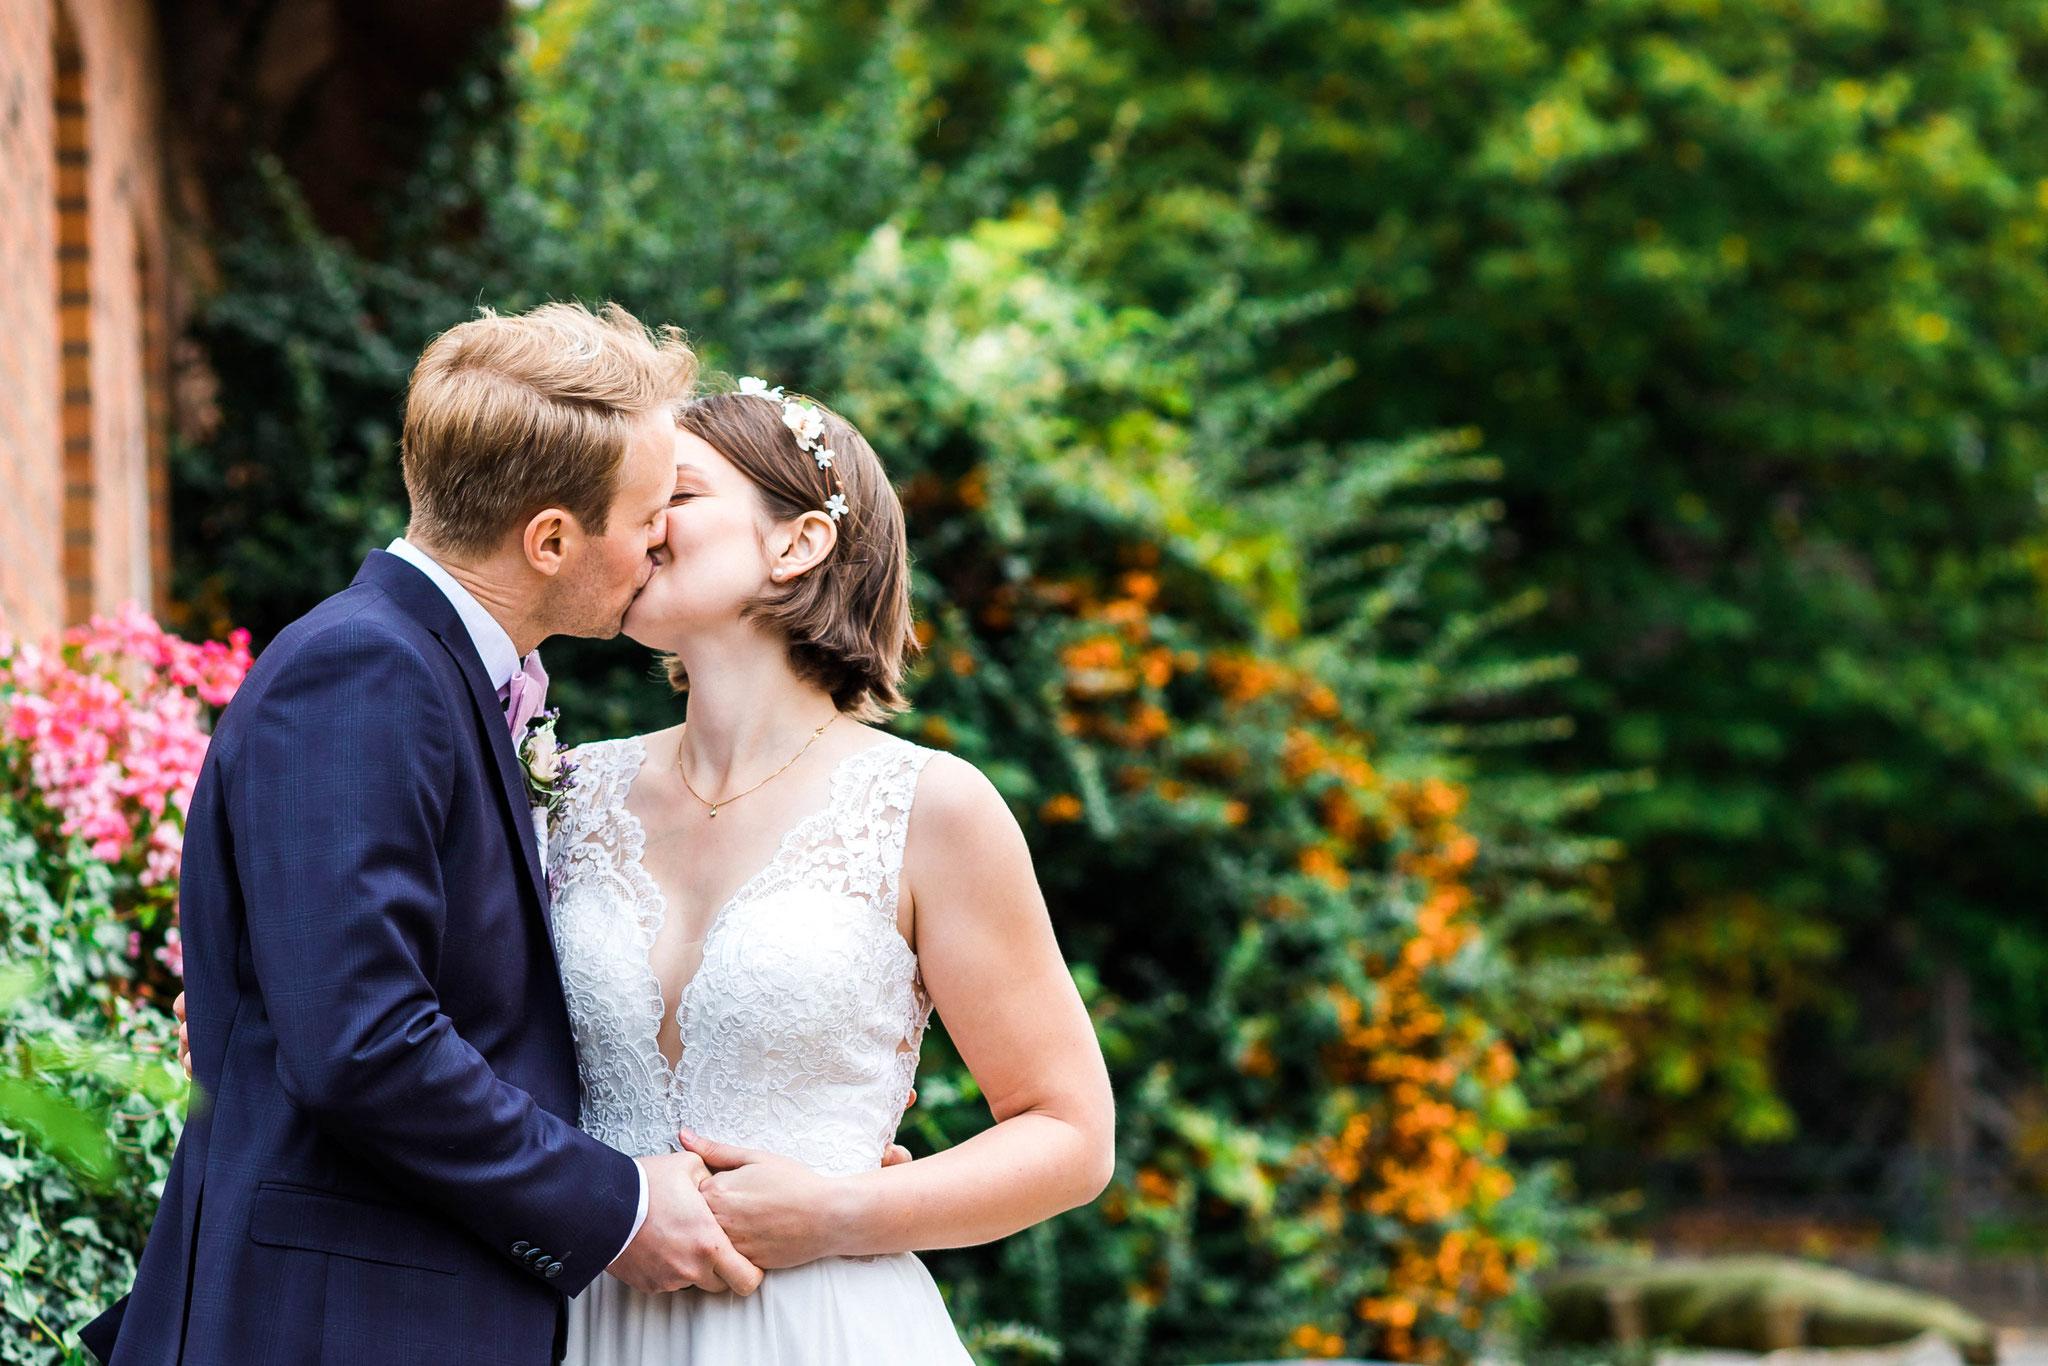 Shooting am Hochzeitstag